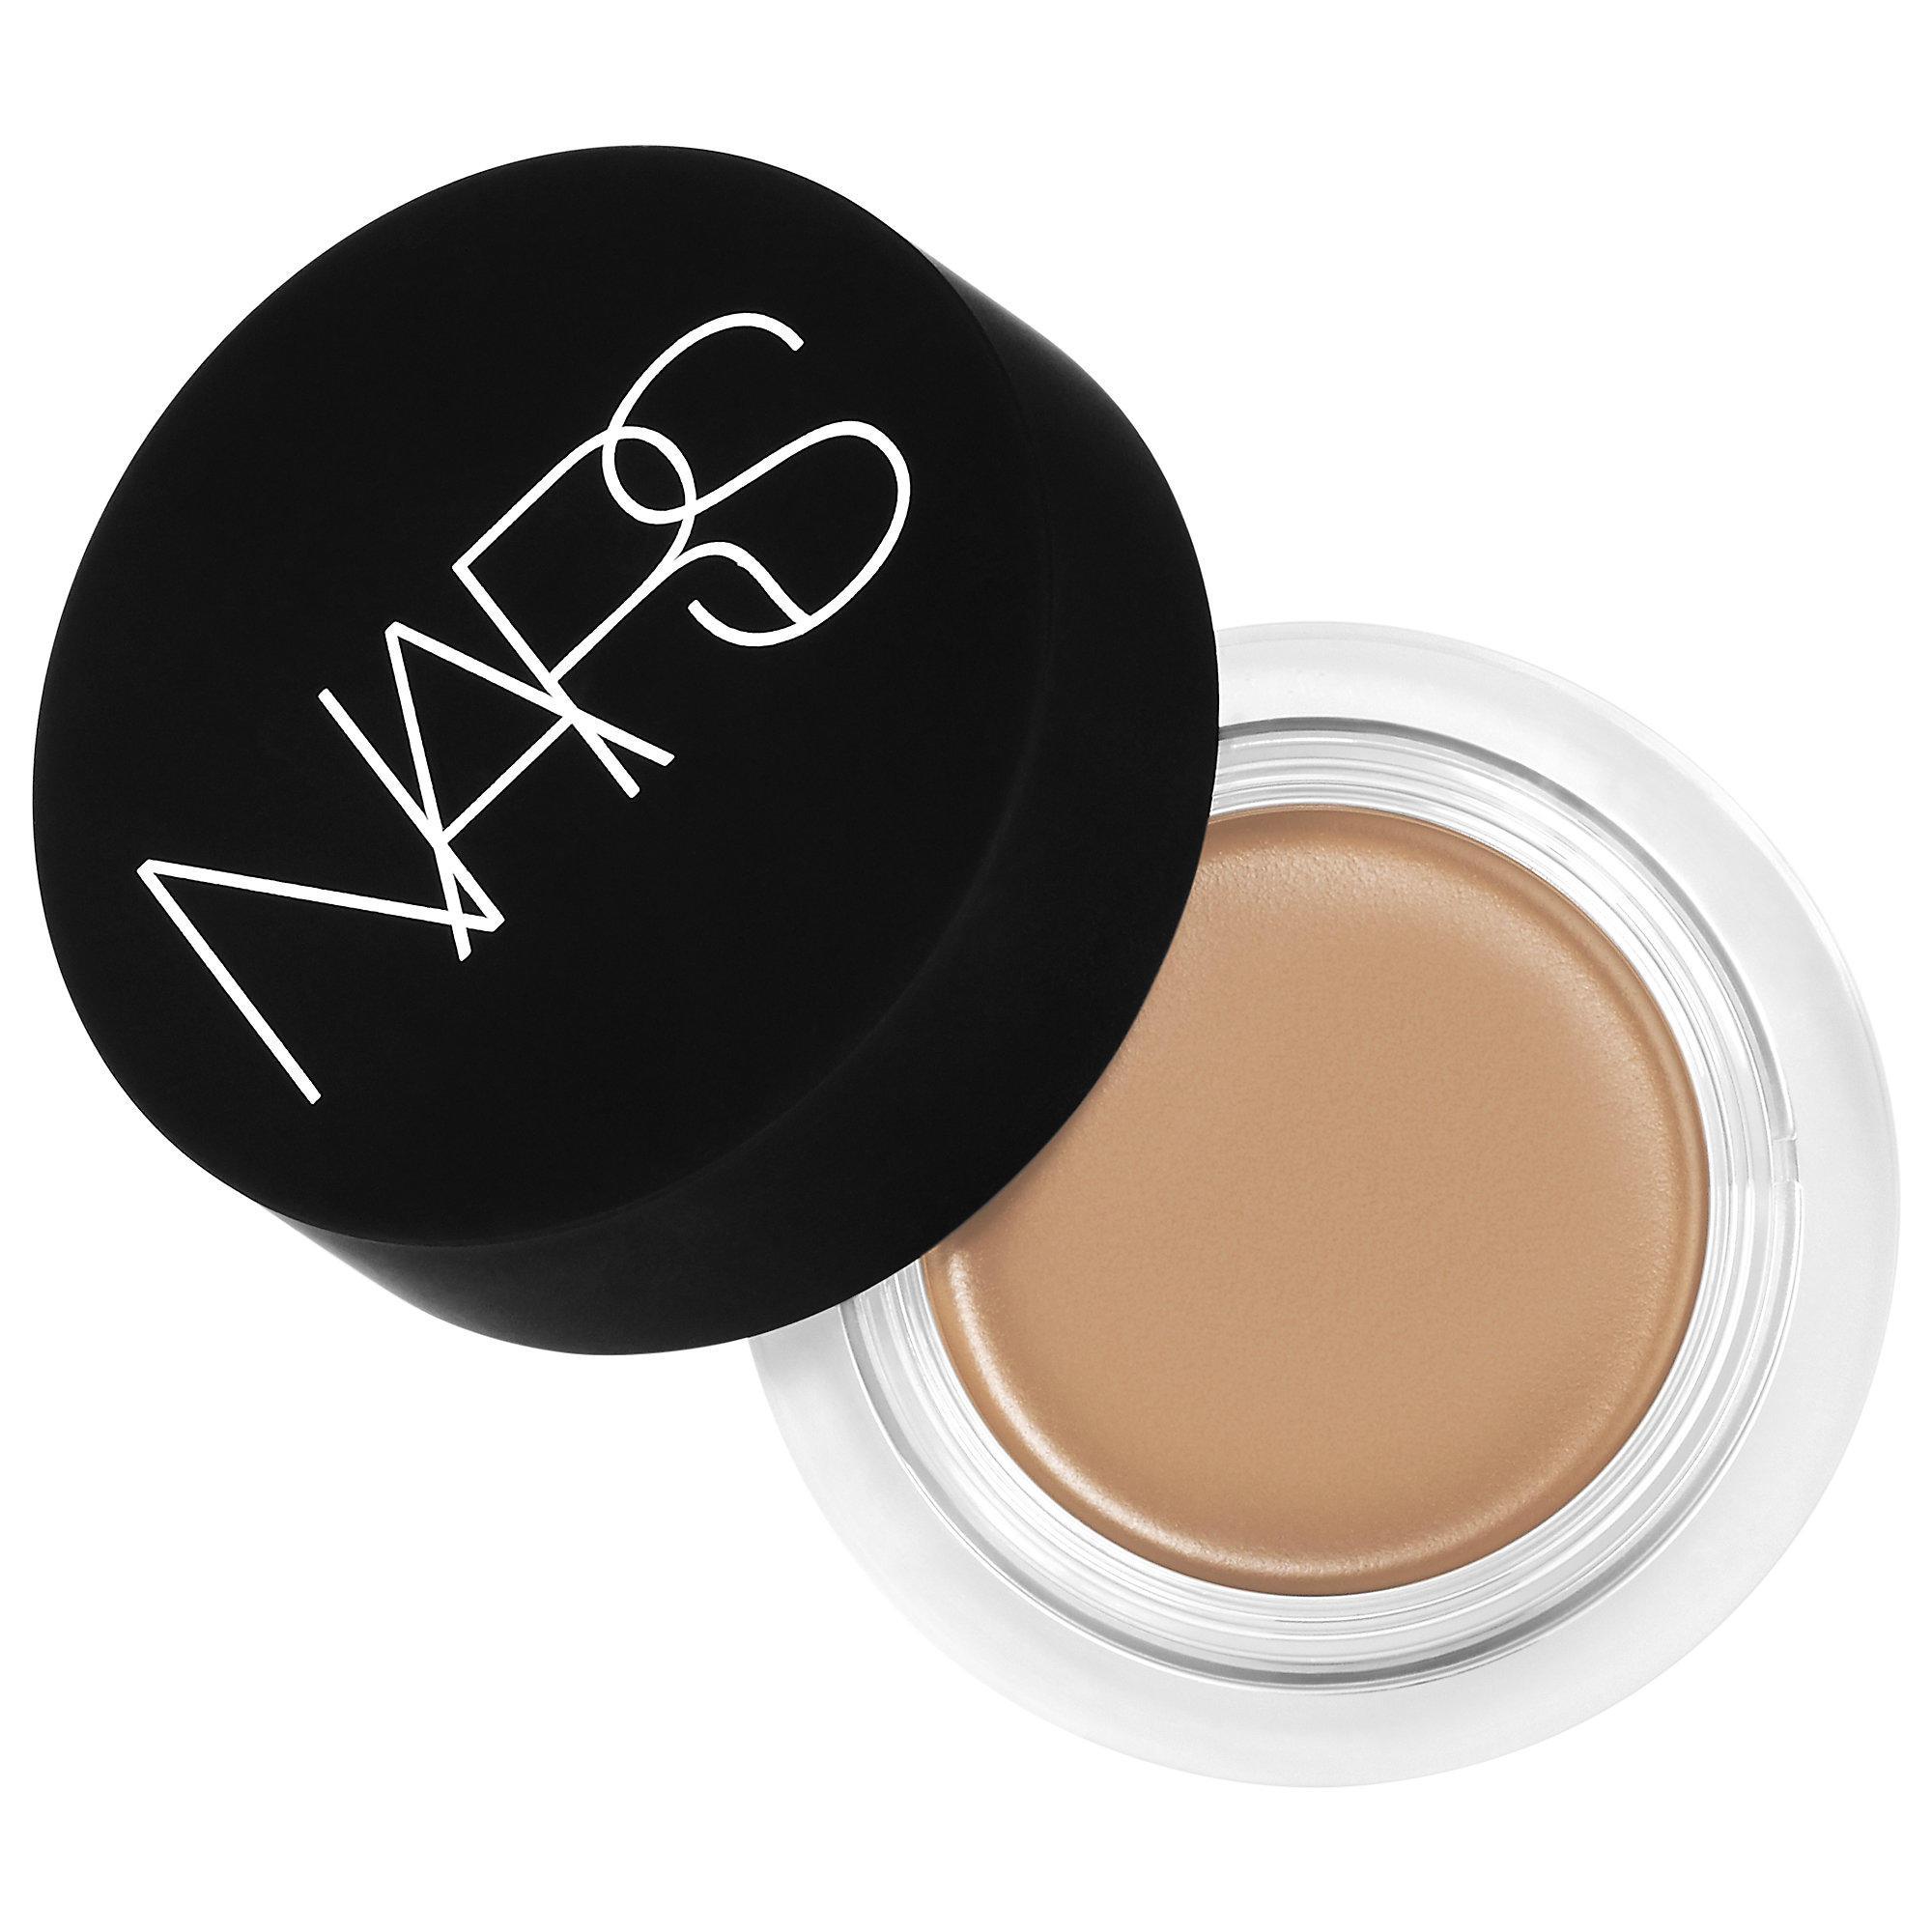 NARS Soft Matte Complete Concealer Caramel Medium Dark 2